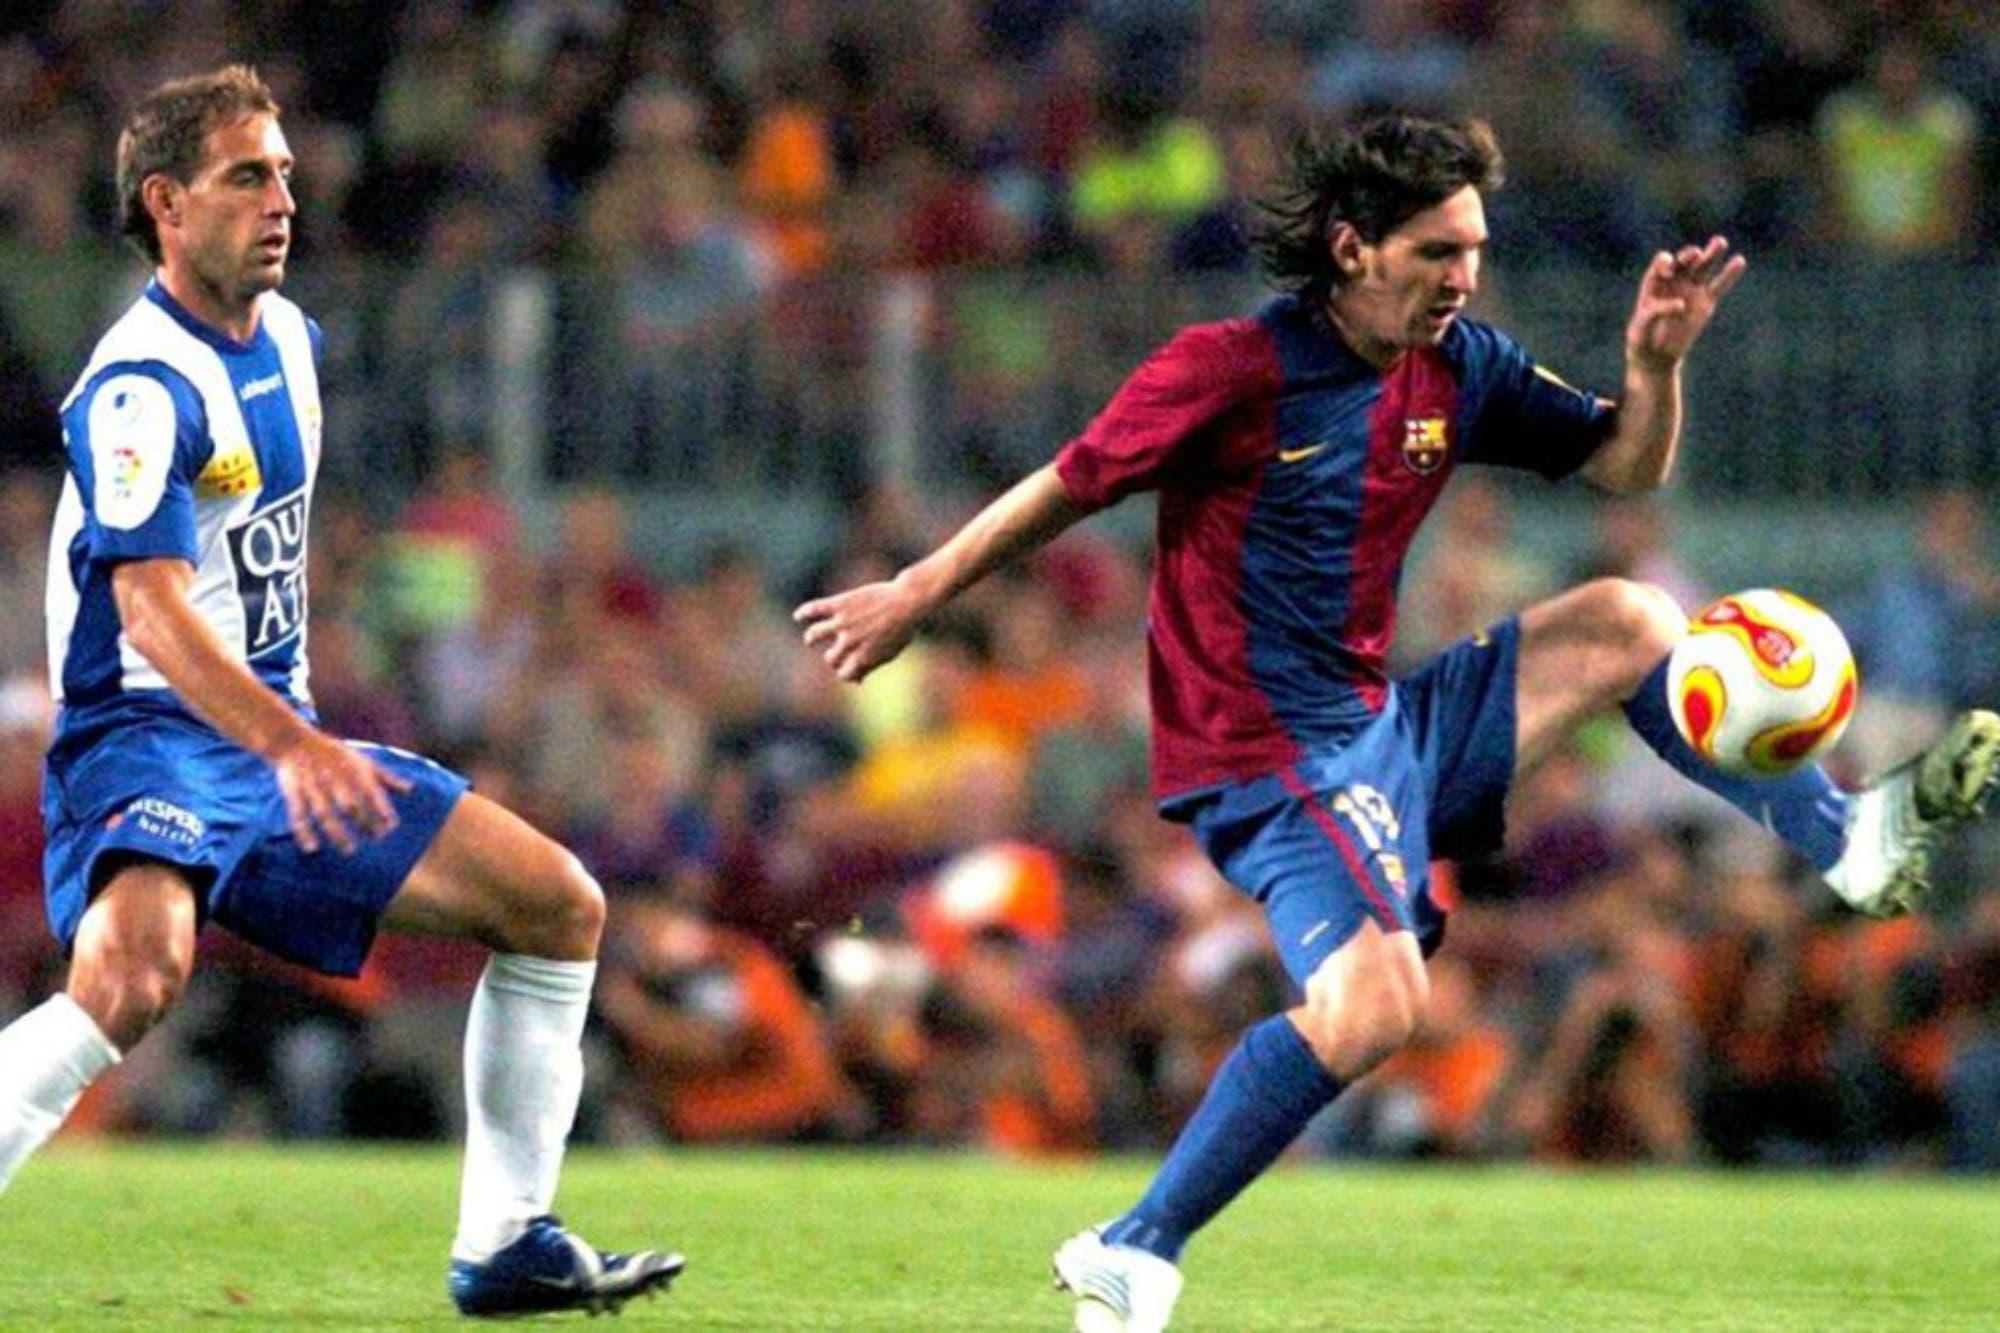 El día que Pablo Zabaleta amagó dejarlo dormir en la calle a... Lionel Messi